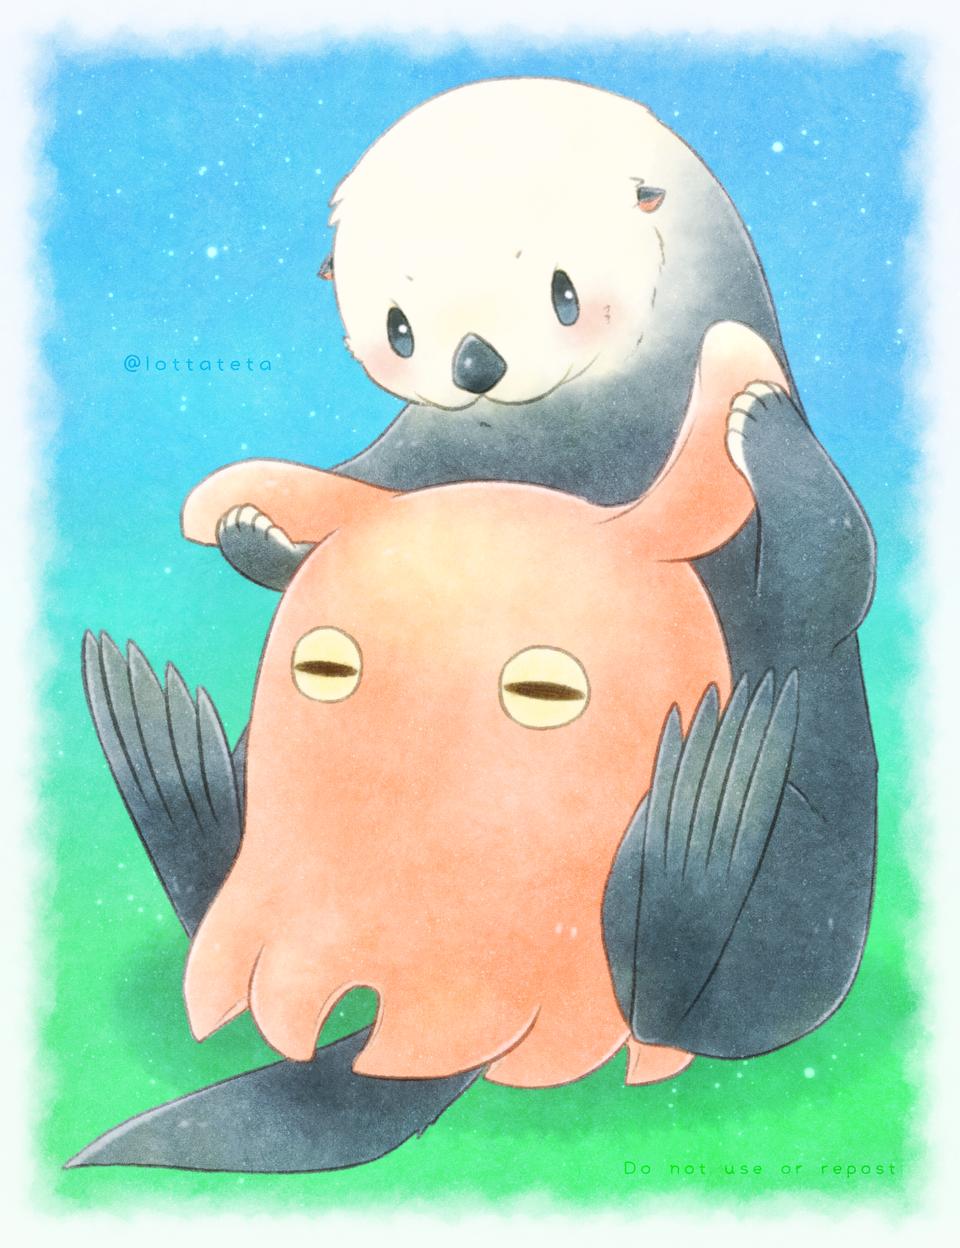 気になるヒレ Illust of shin 星屑入り江のロッタテタ original animal メンダコ 海洋生物 生き物 ラッコ